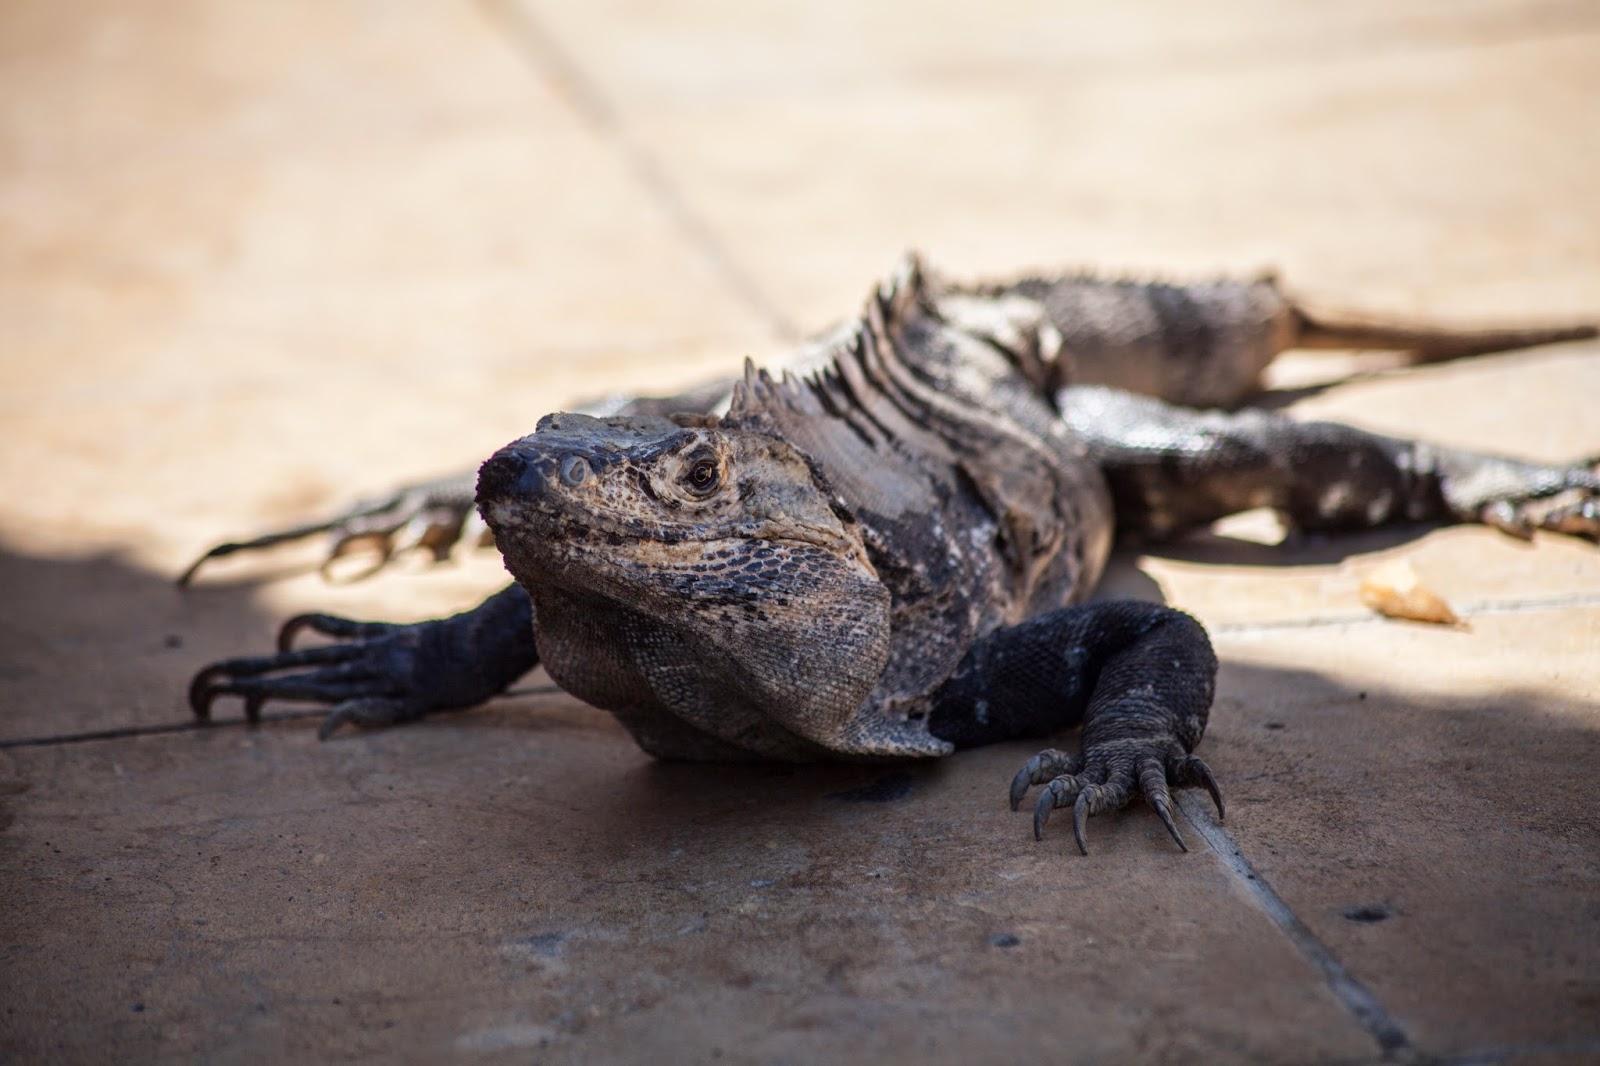 Costa Rica Iguana Lizard